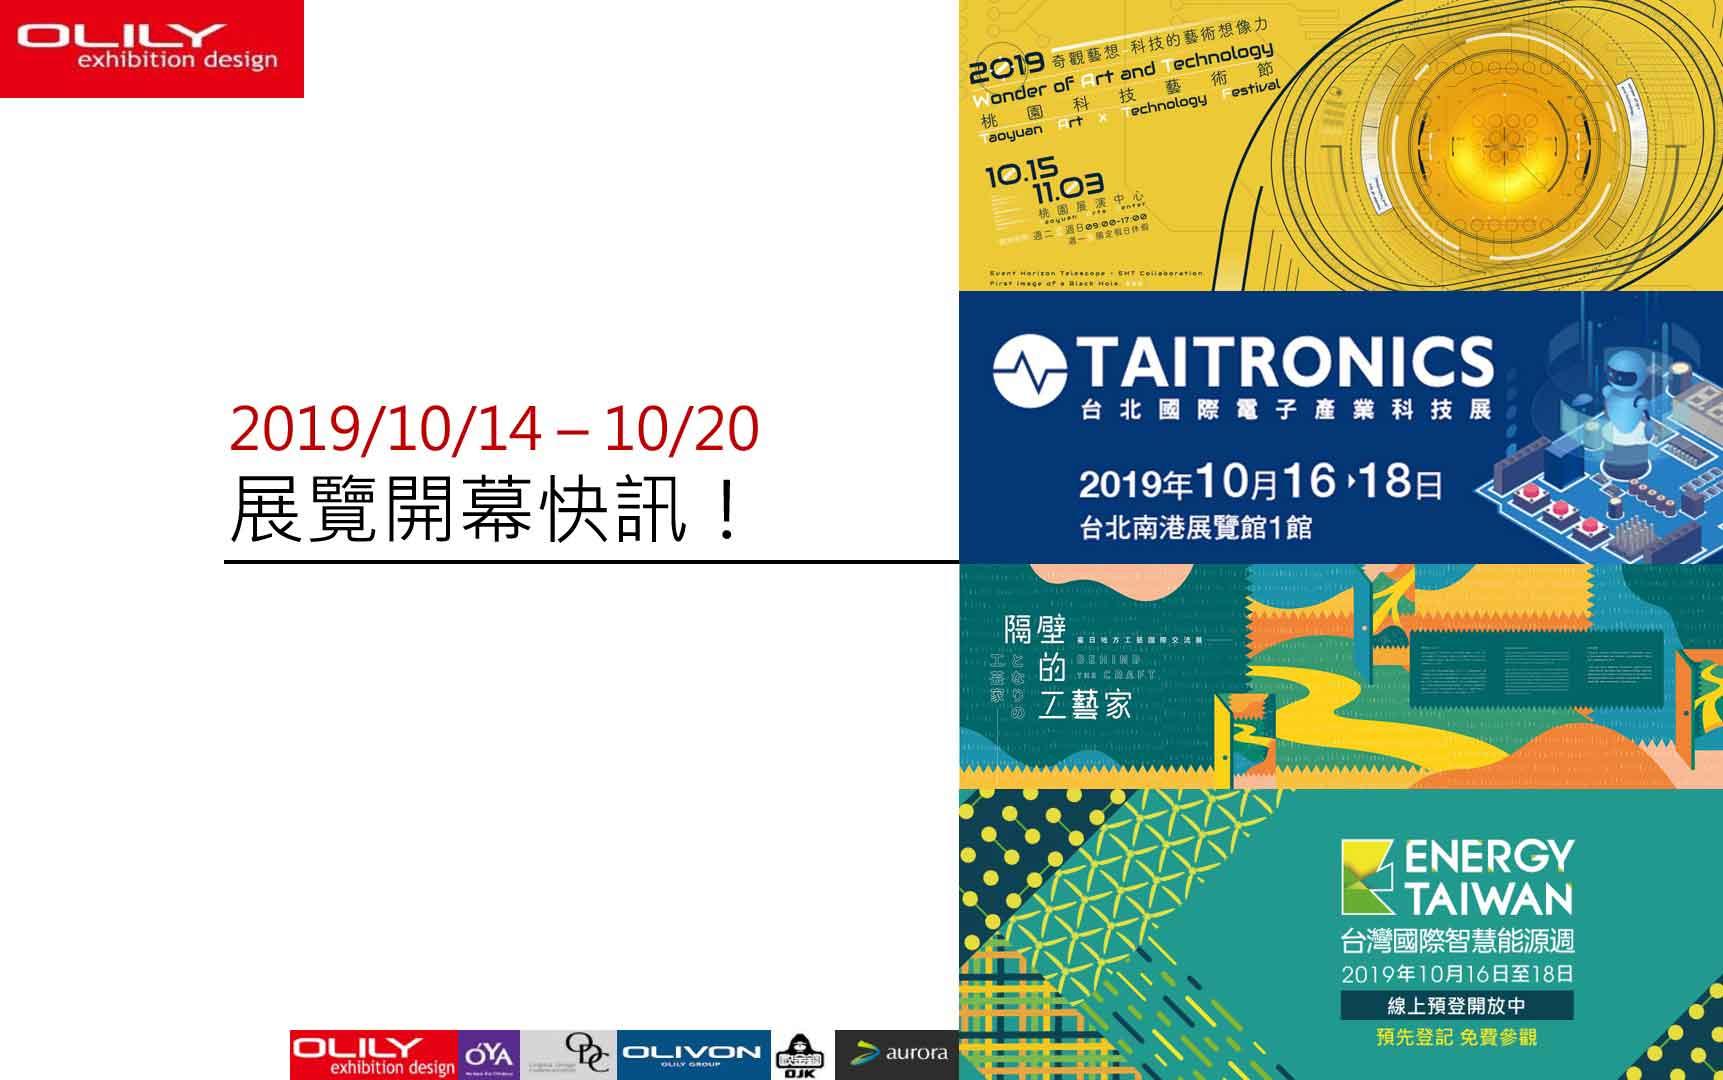 展覽設計推薦 - 展覽資訊10/14-10/20